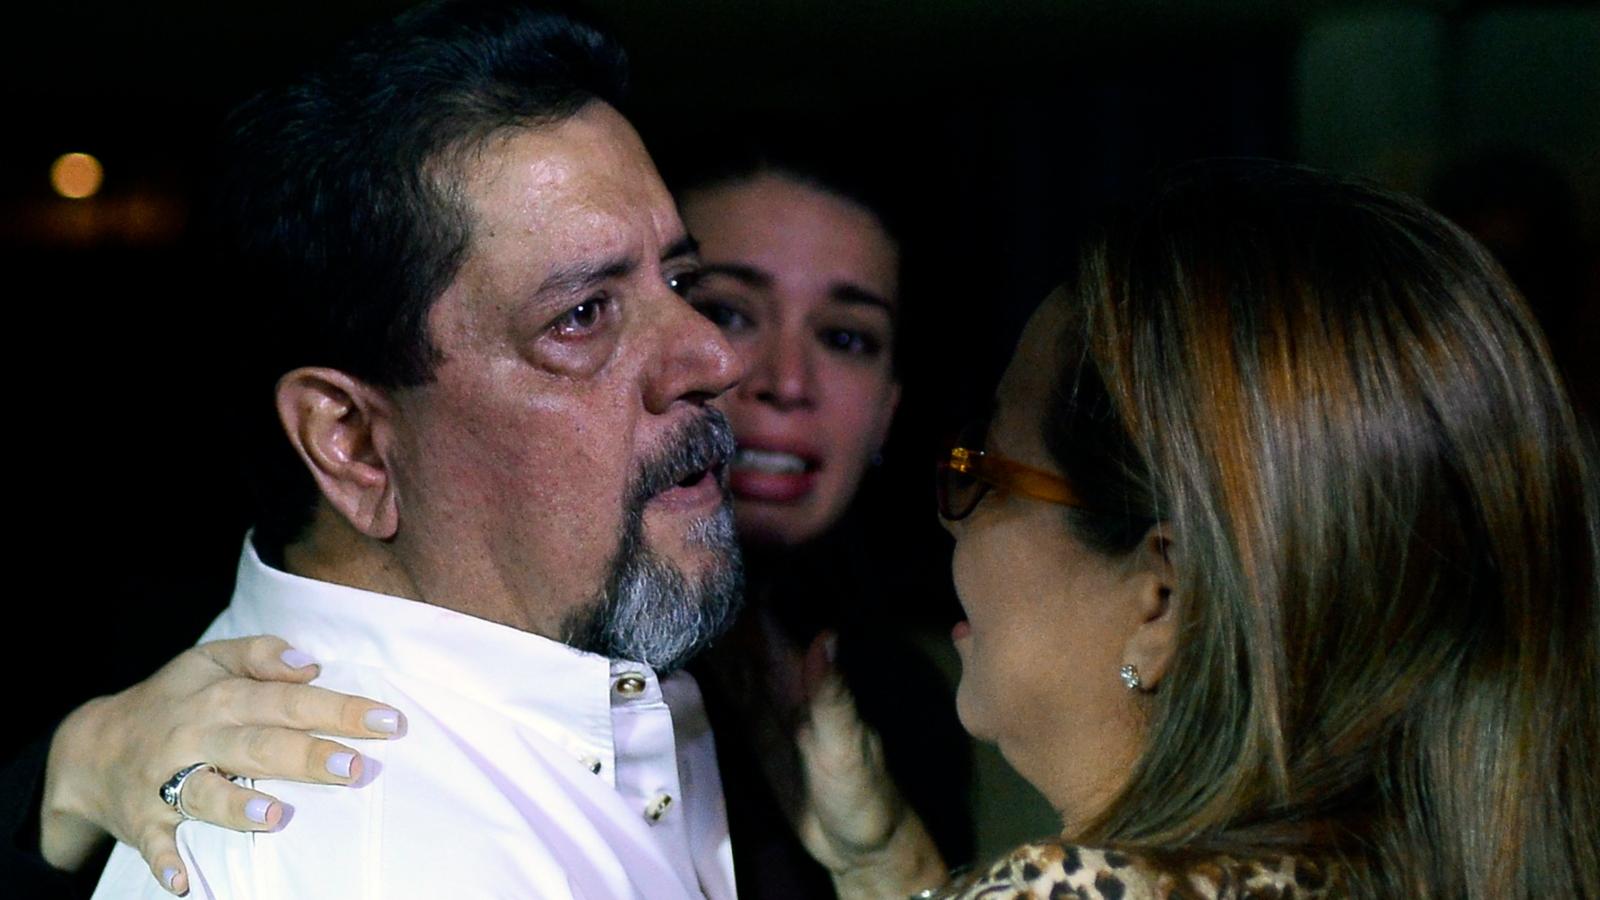 Liberan al vicepresidente del Parlamento venezolano tras acuerdo entre Maduro y oposición